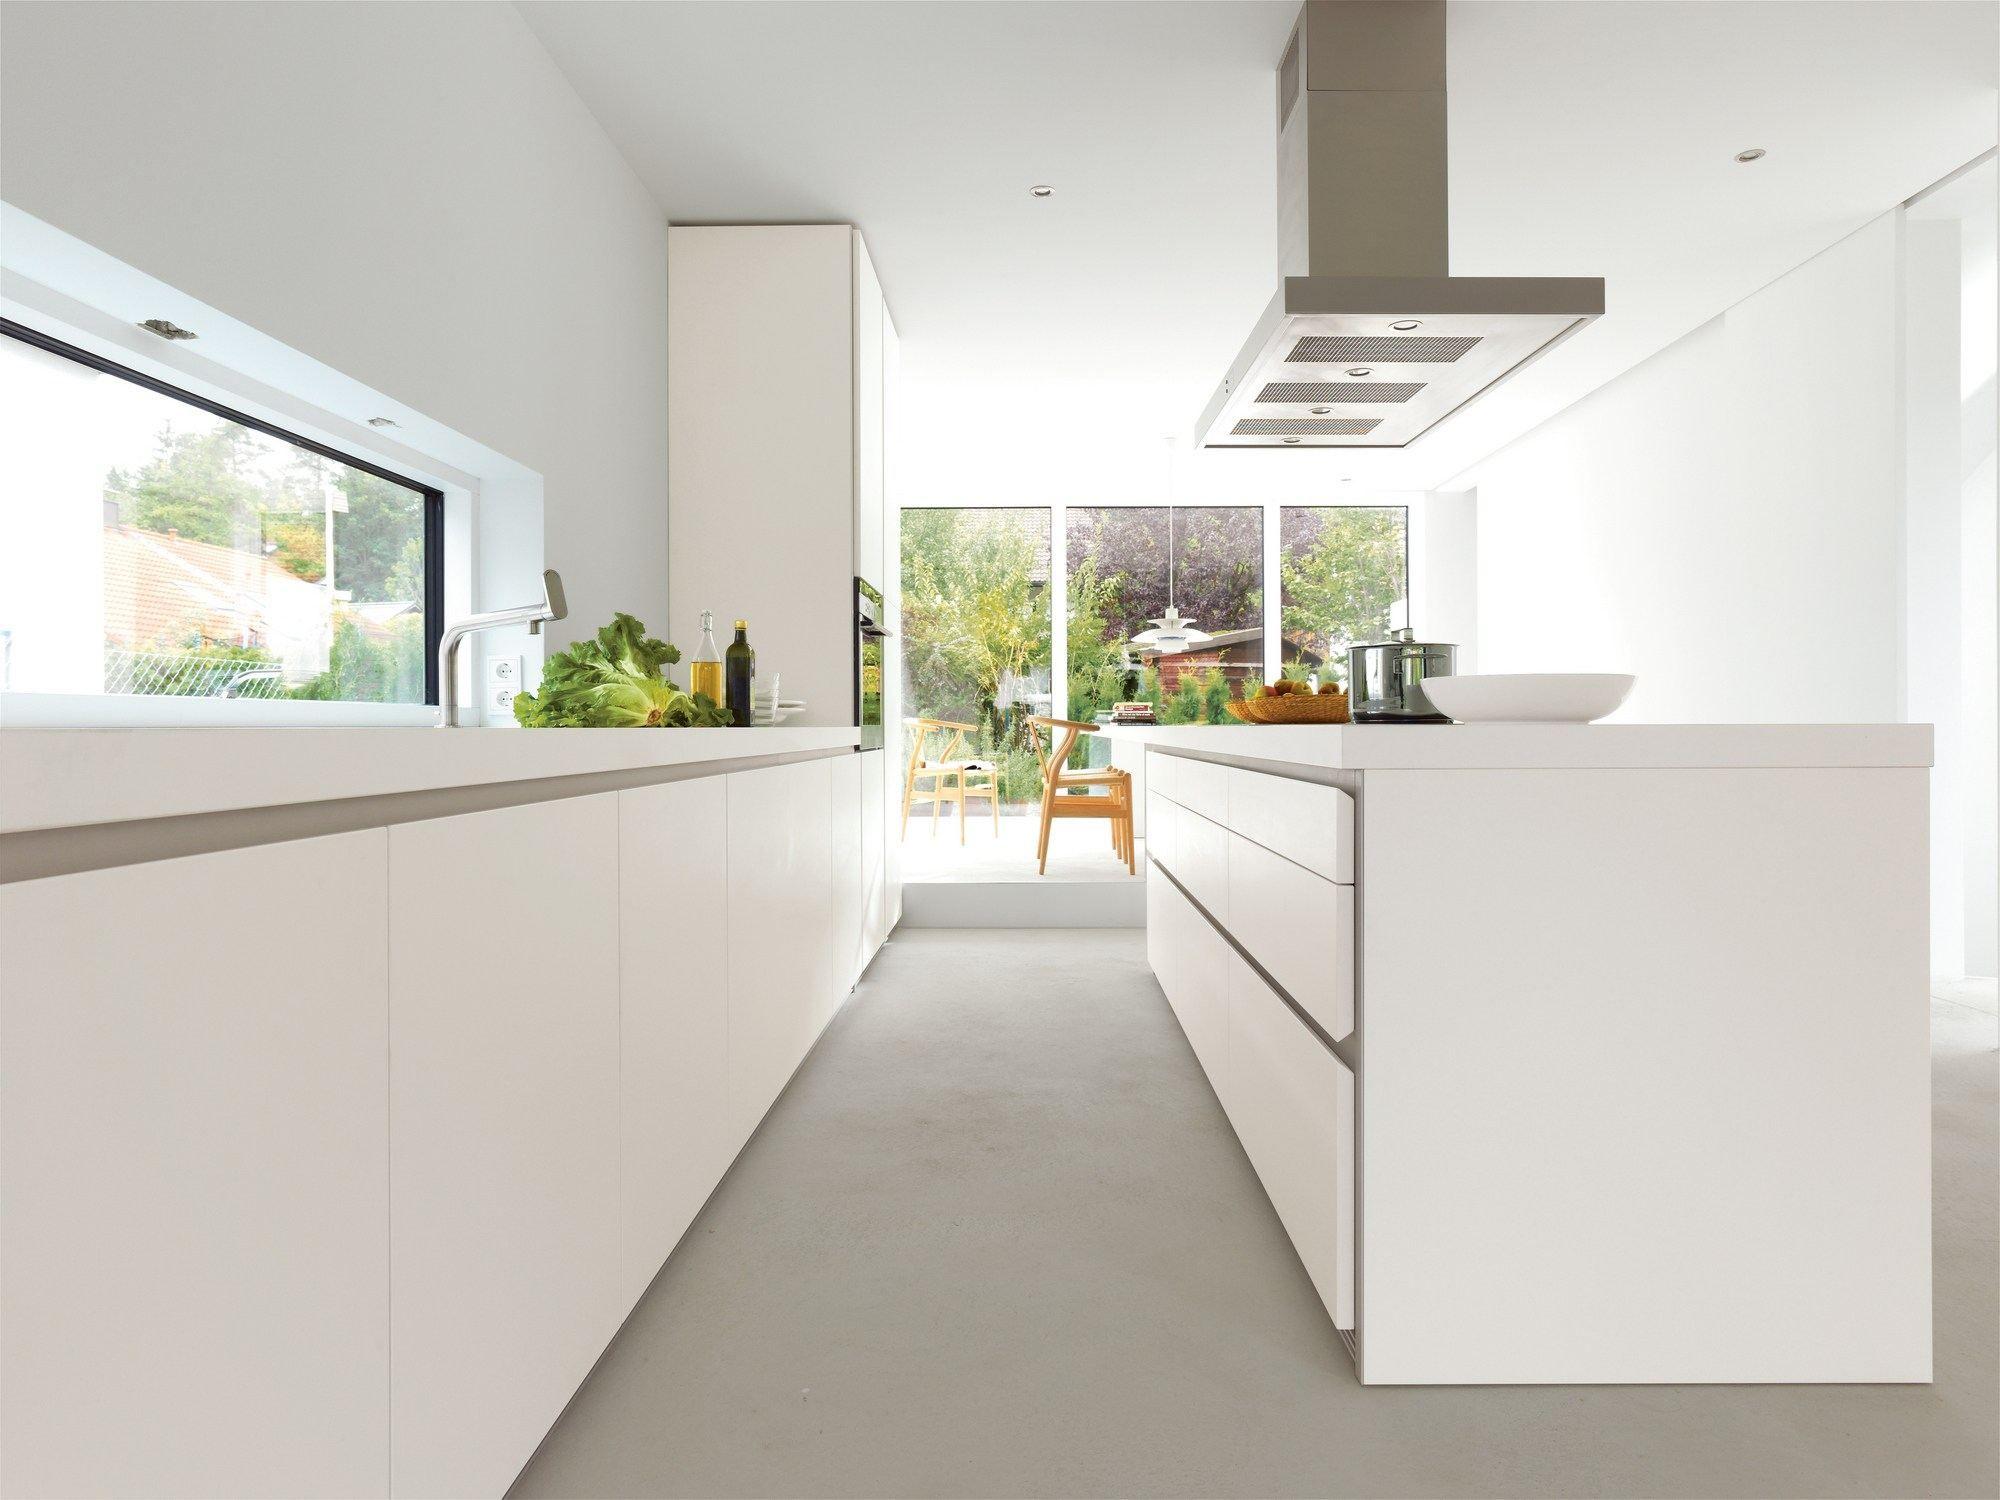 Kücheninsel Ideen ~ B küche mit kücheninsel by bulthaup küche